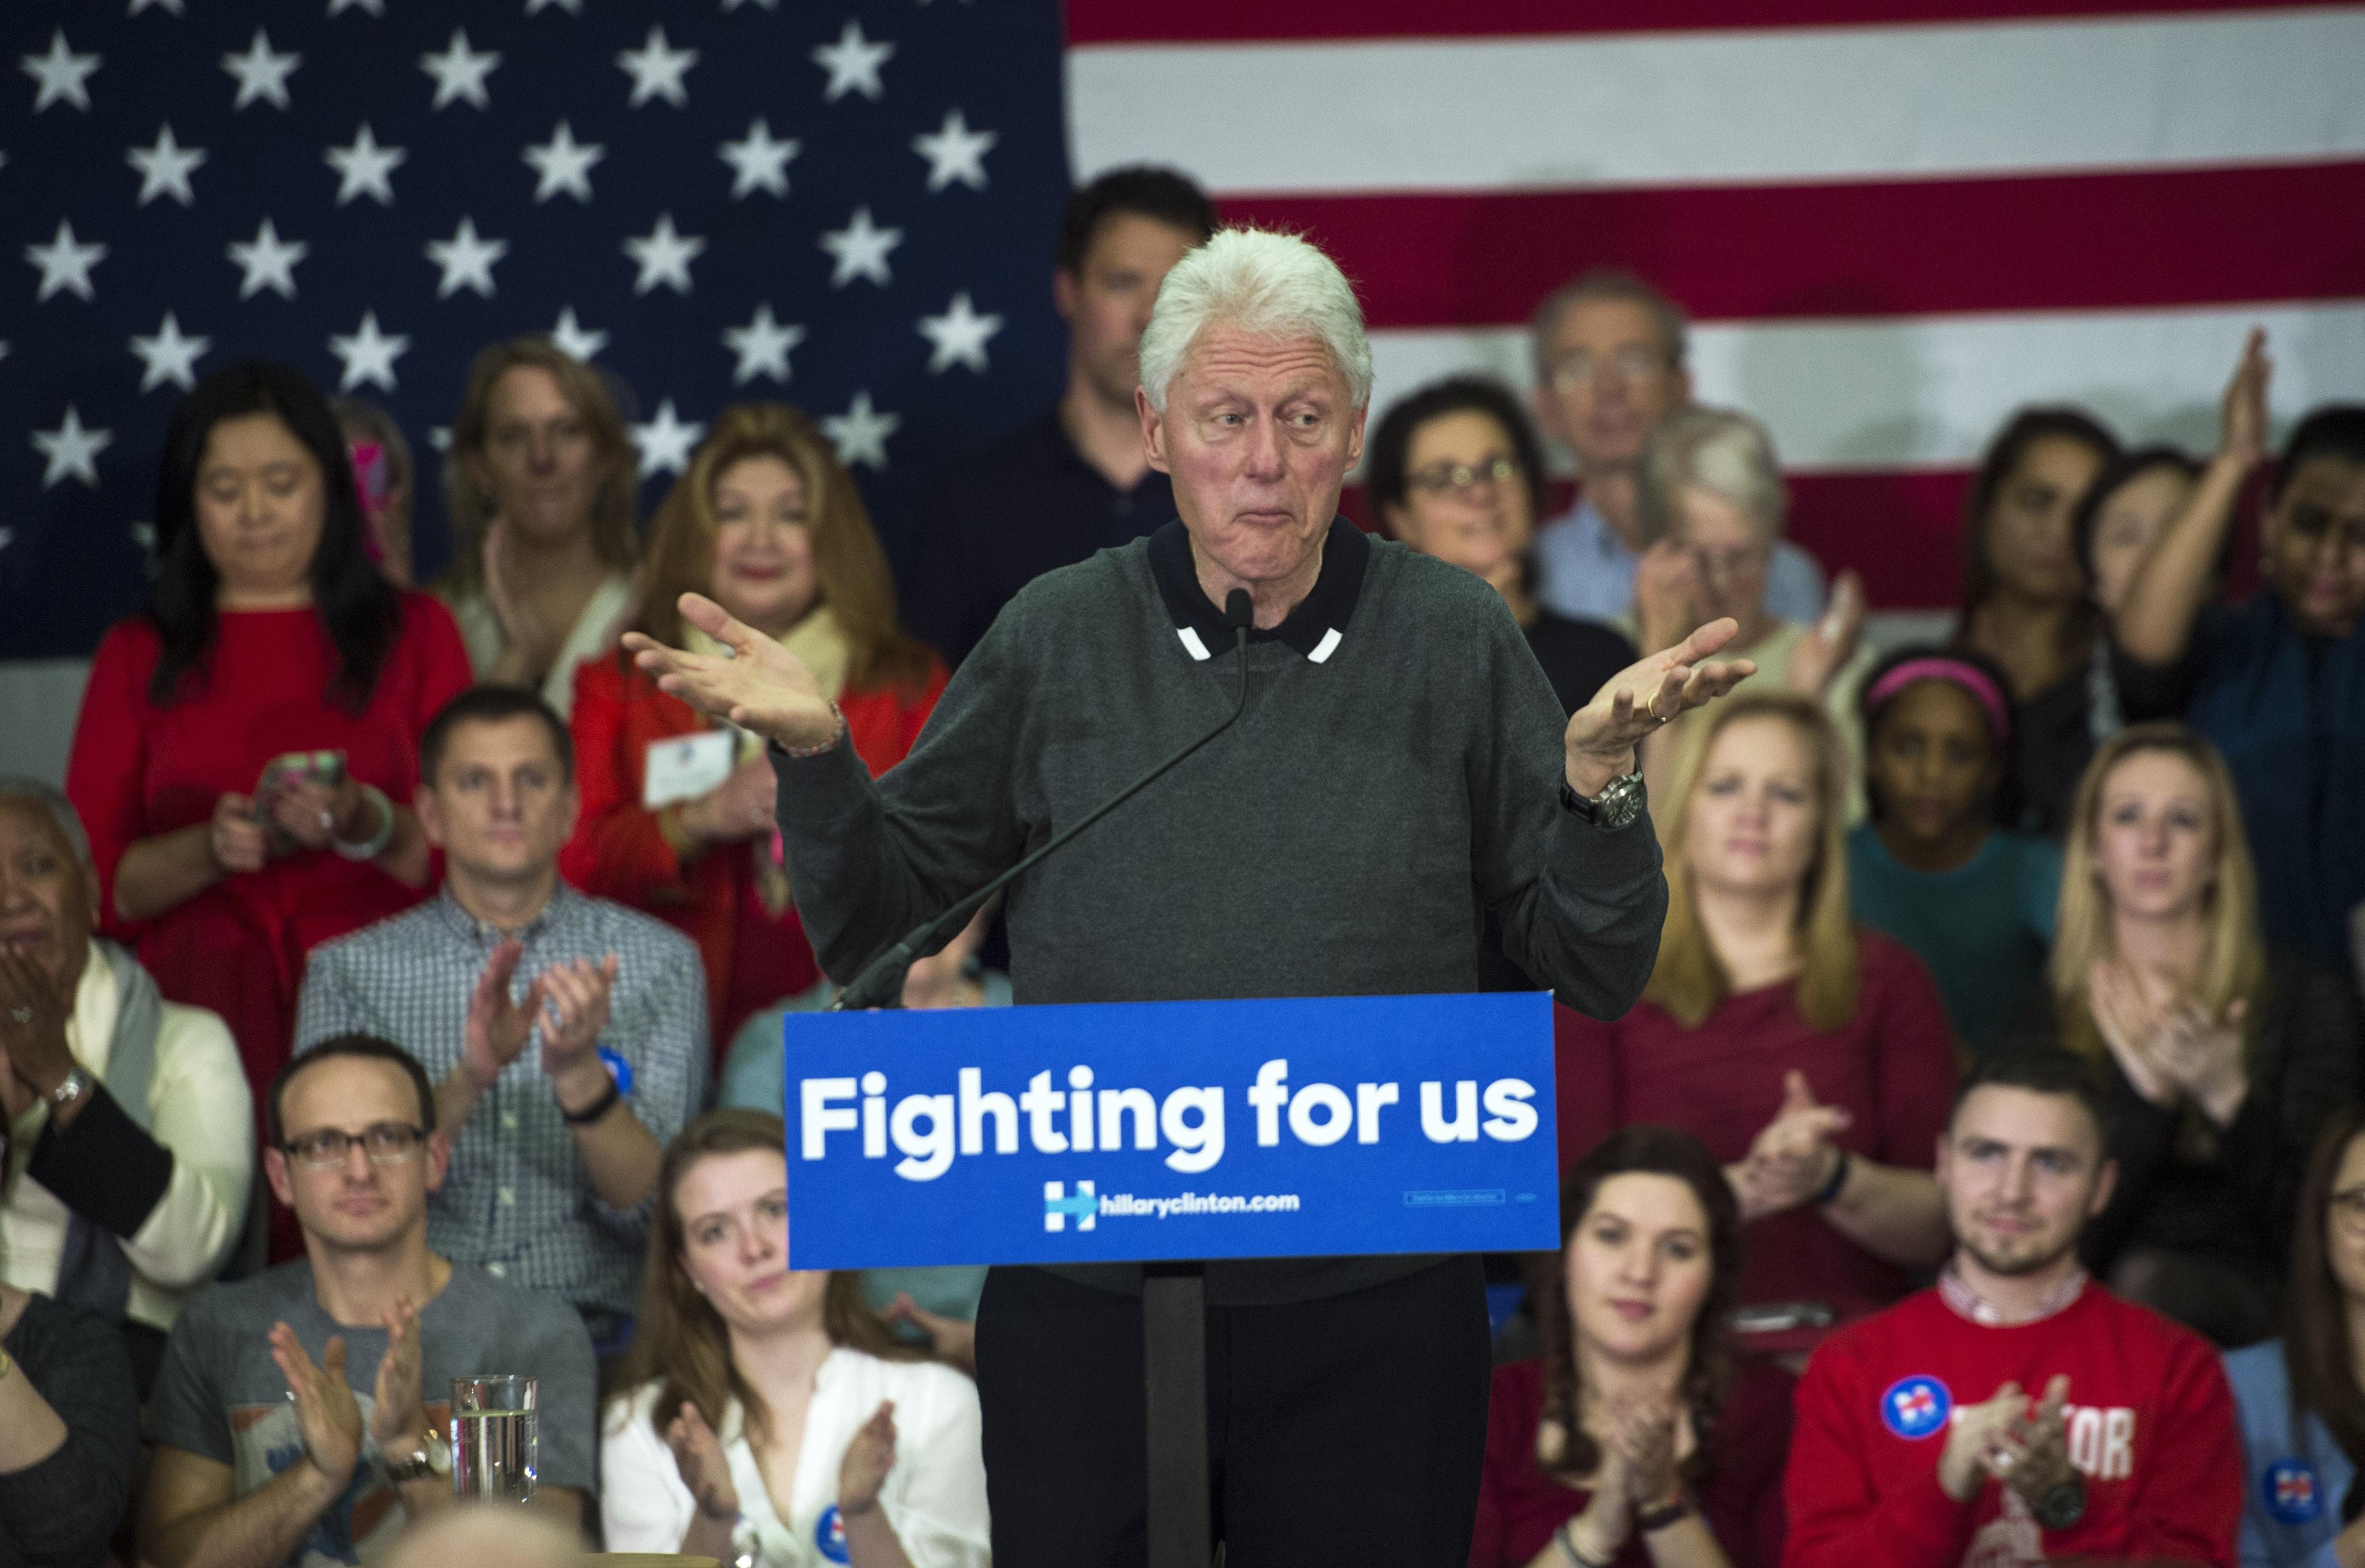 Monica Lewinsky on Life After Clinton: 'The Shame Sticks to You Like Tar'